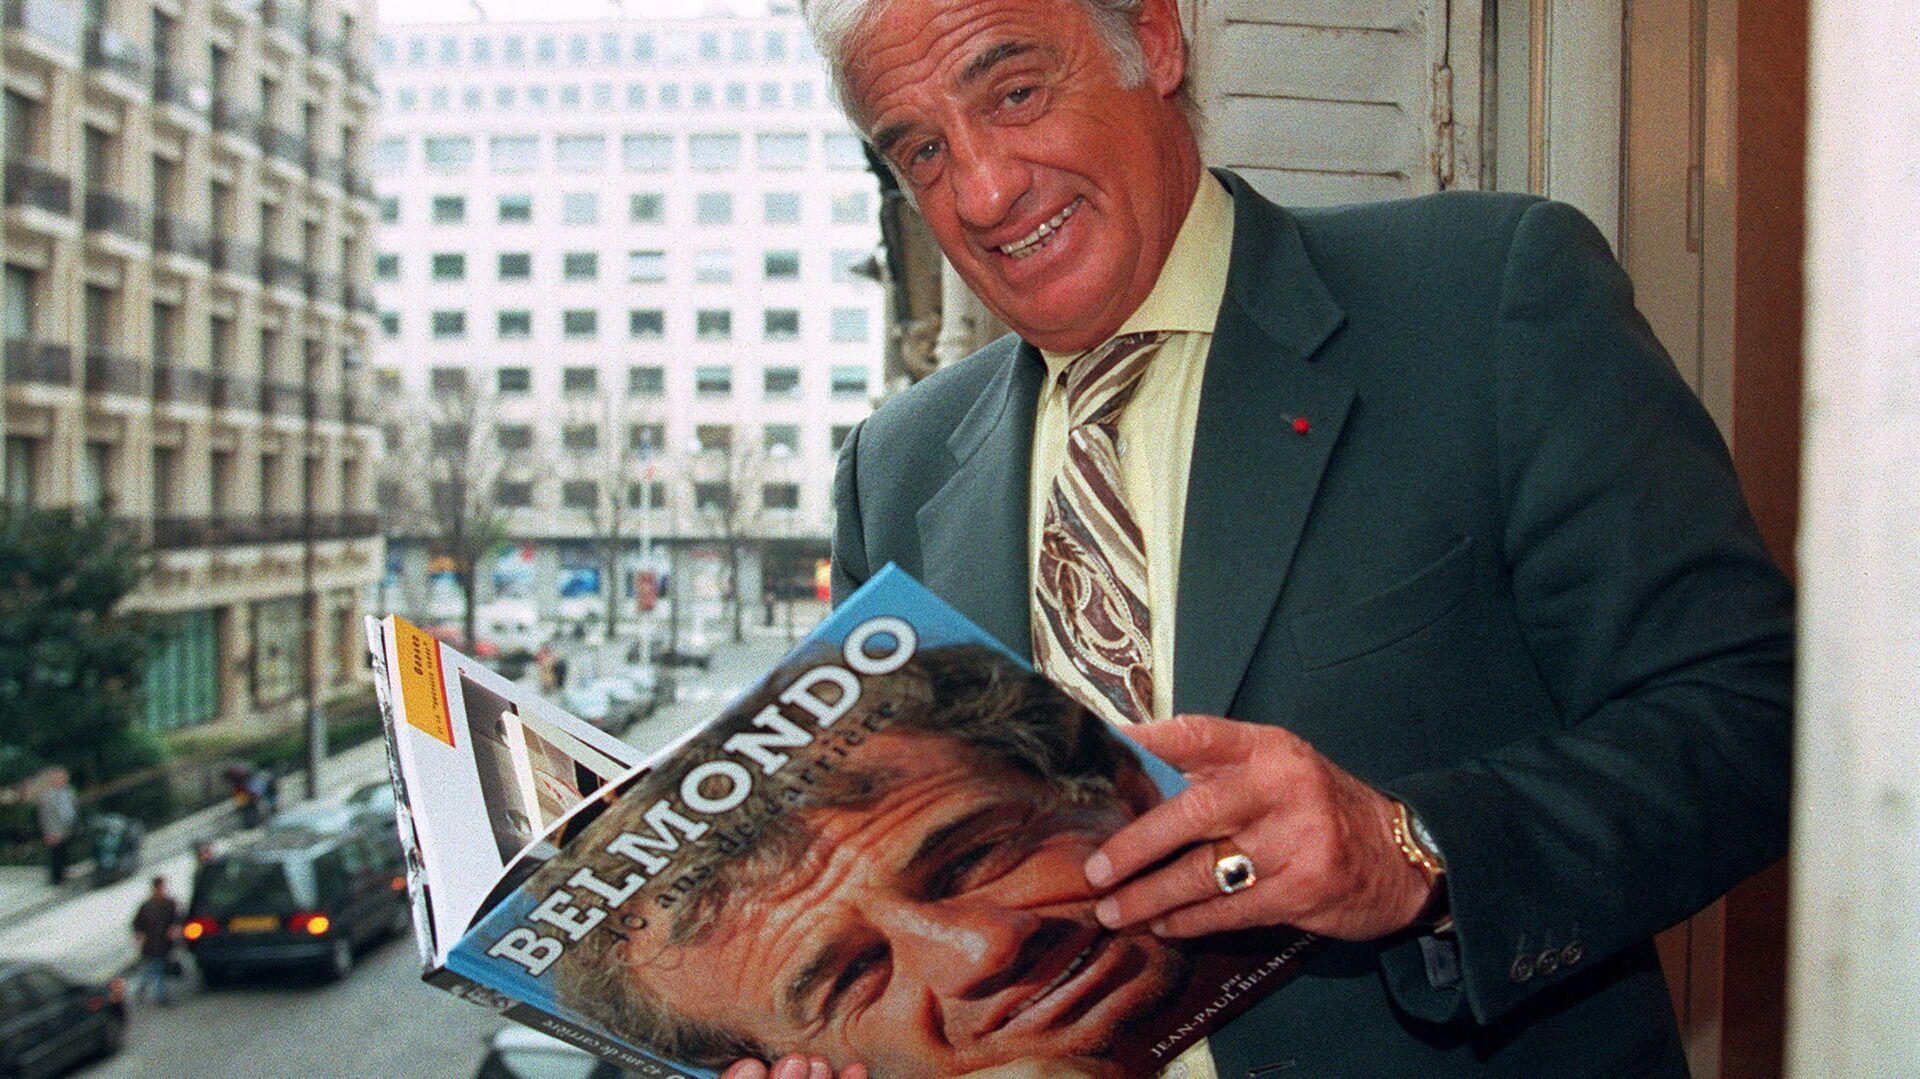 Herec Jean-Paul Belmondo pózuje s knihou o sobě v roce 1996 - Sputnik Česká republika, 1920, 07.09.2021